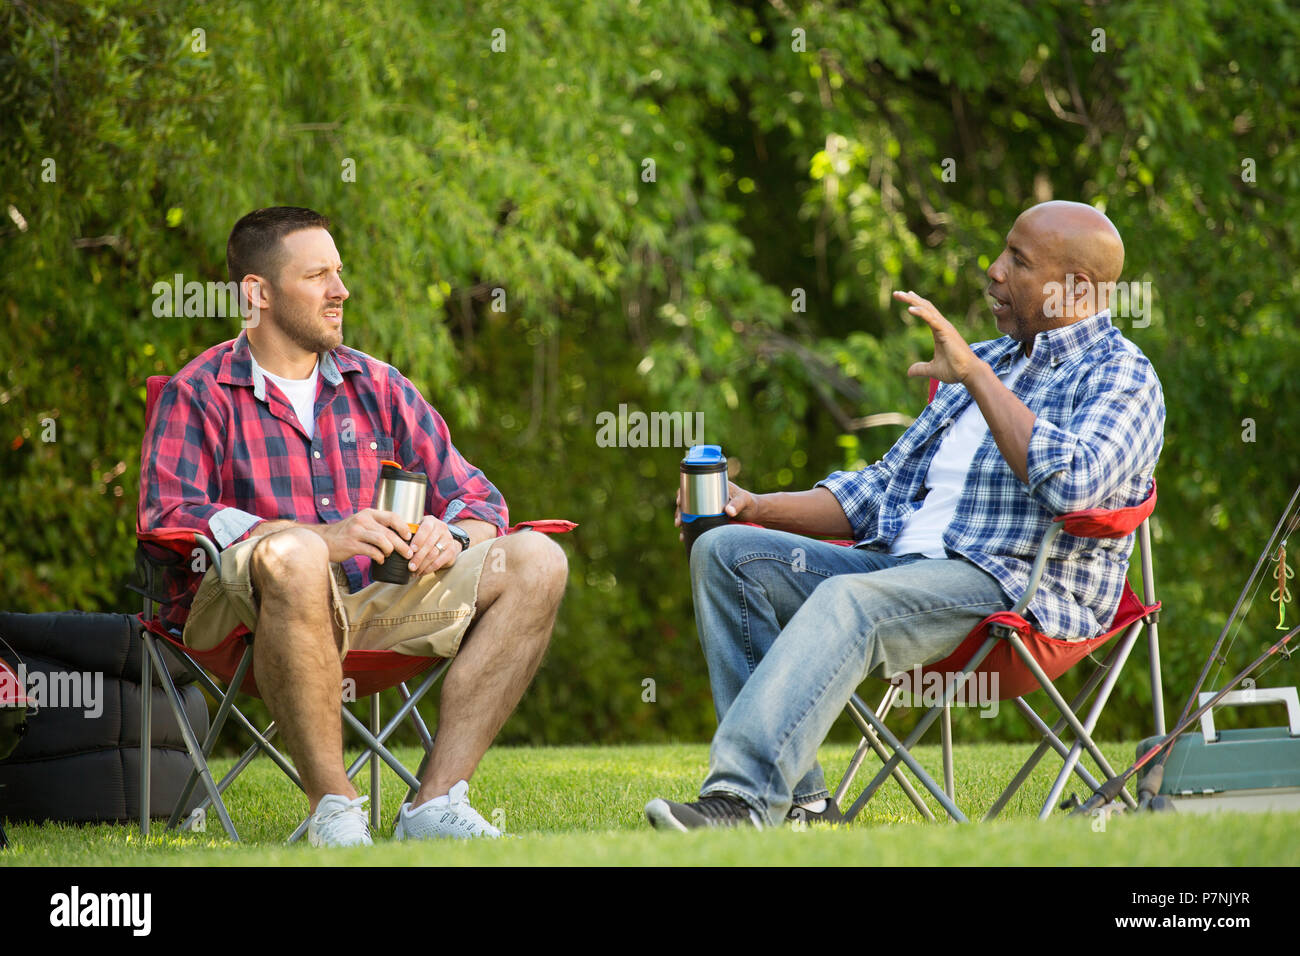 Amigos hablando y camping. Imagen De Stock